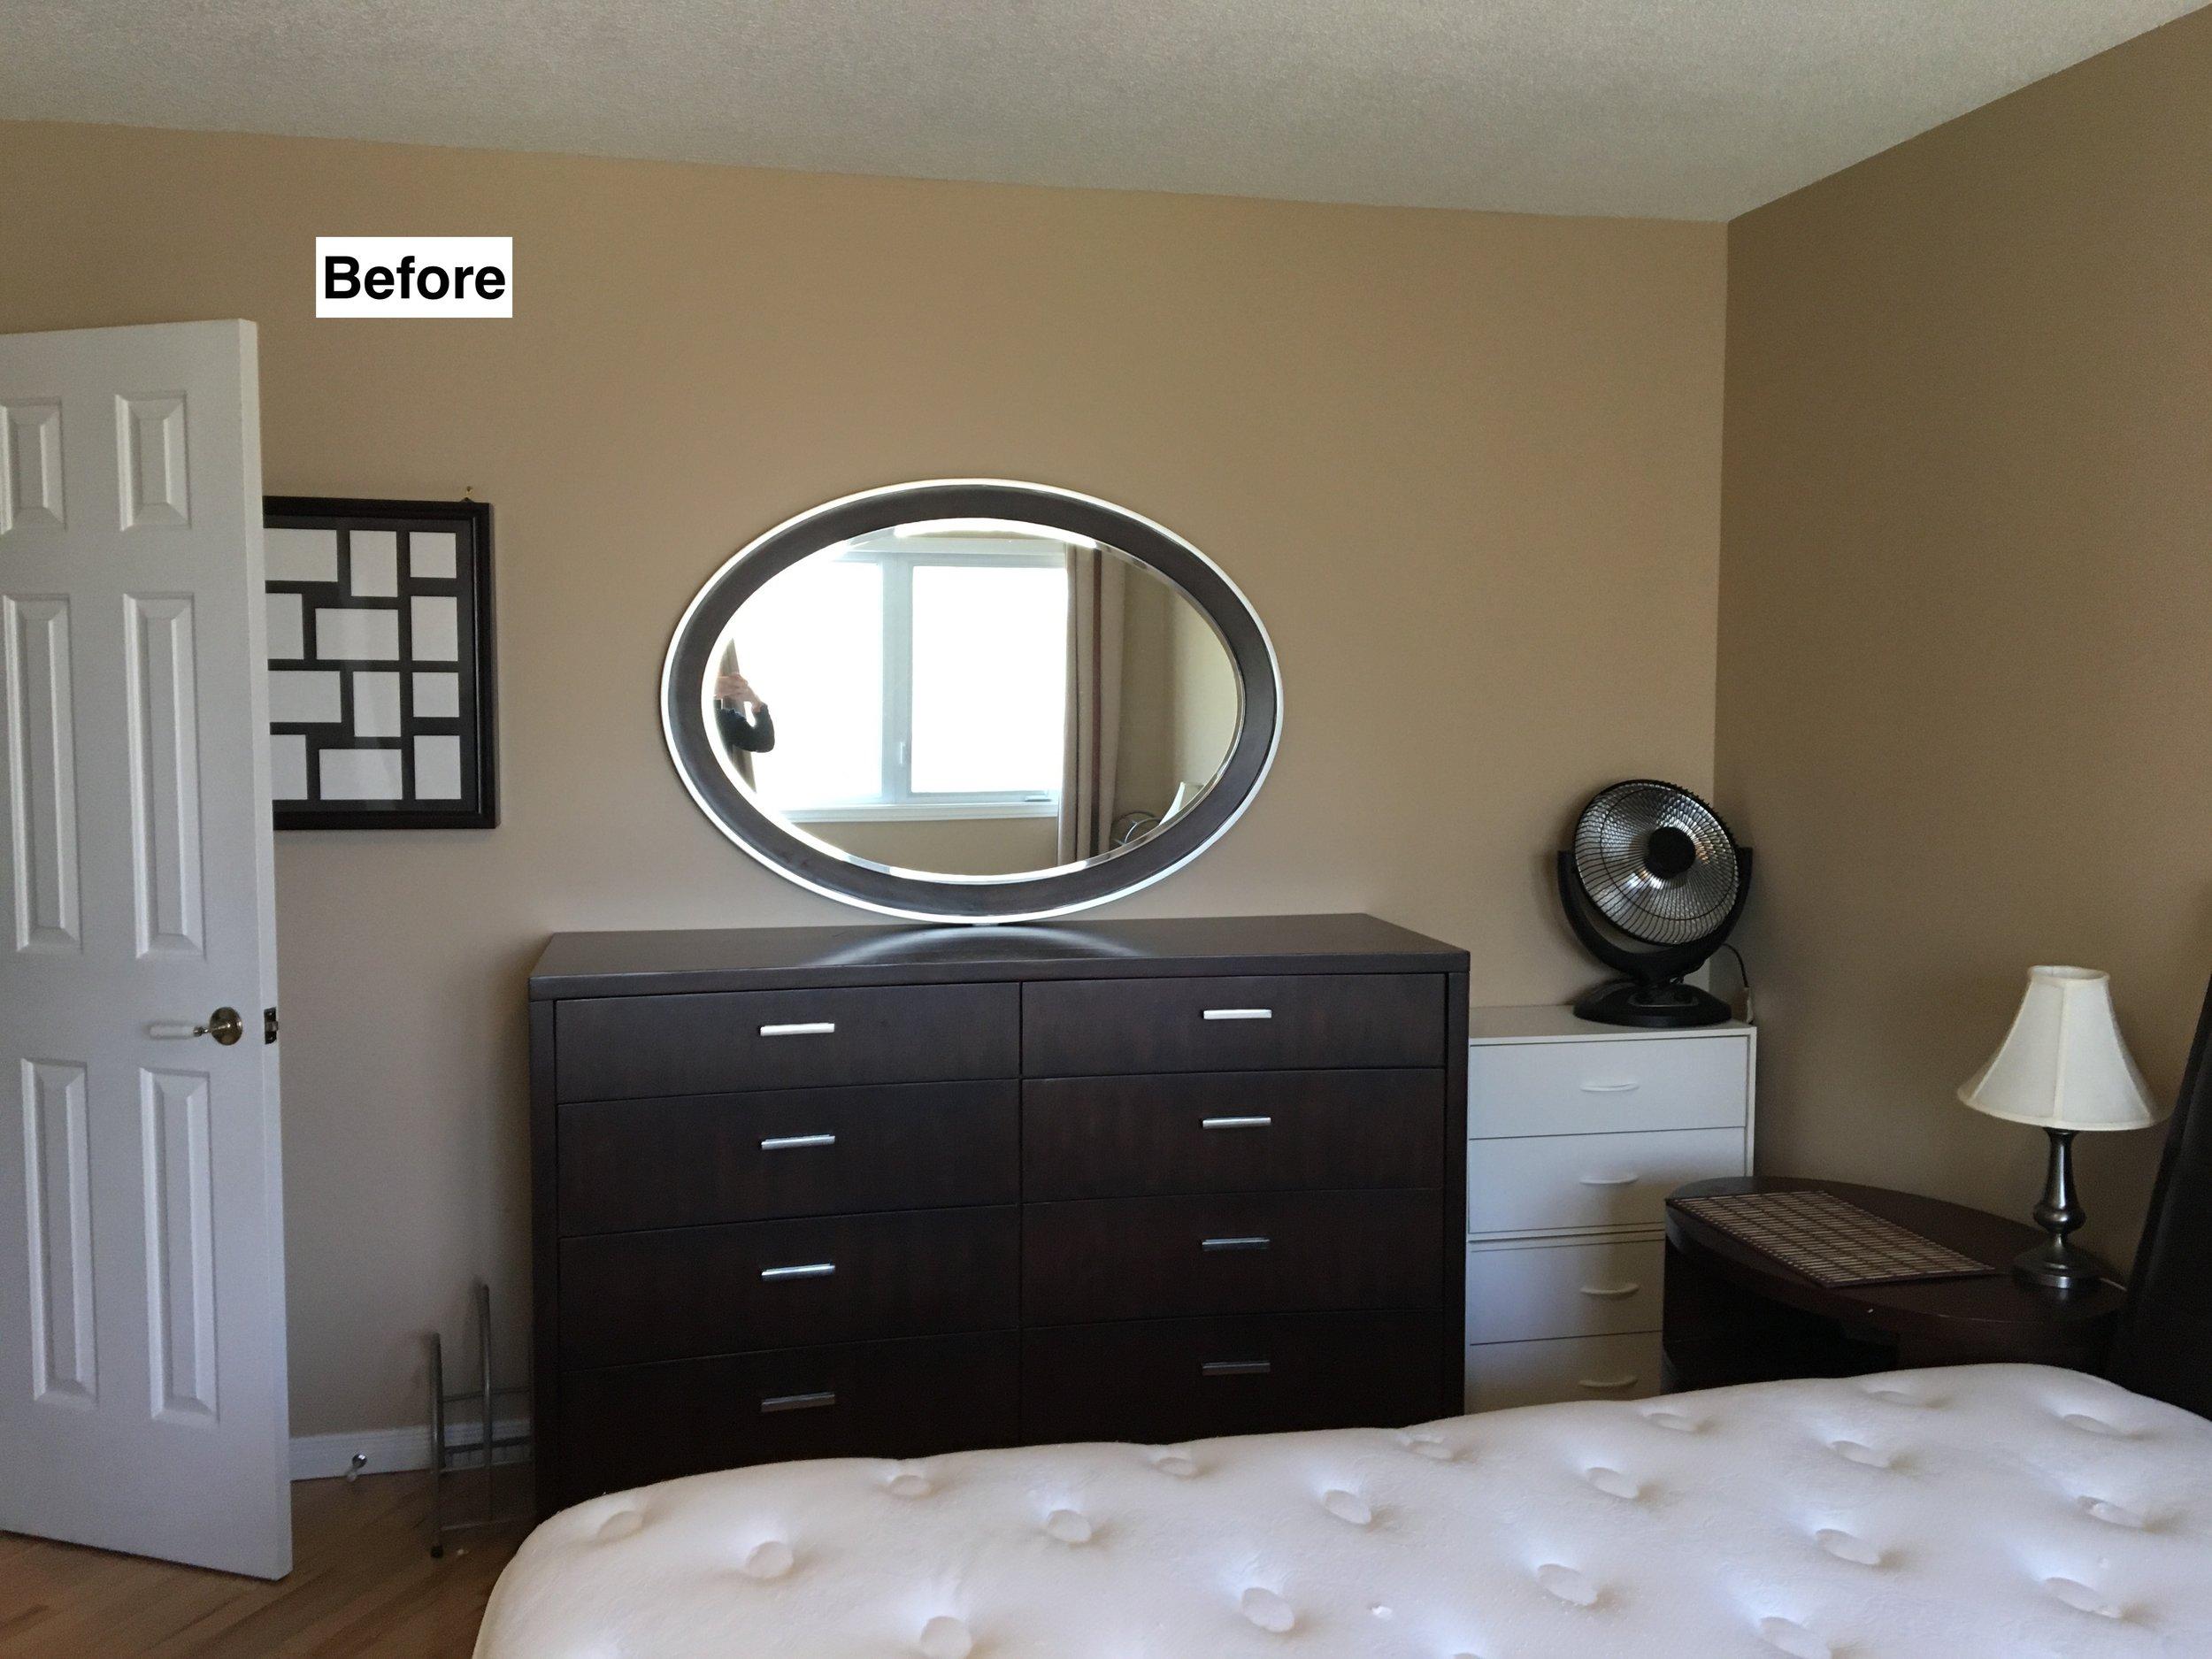 BJ Master bedroom - before.jpg